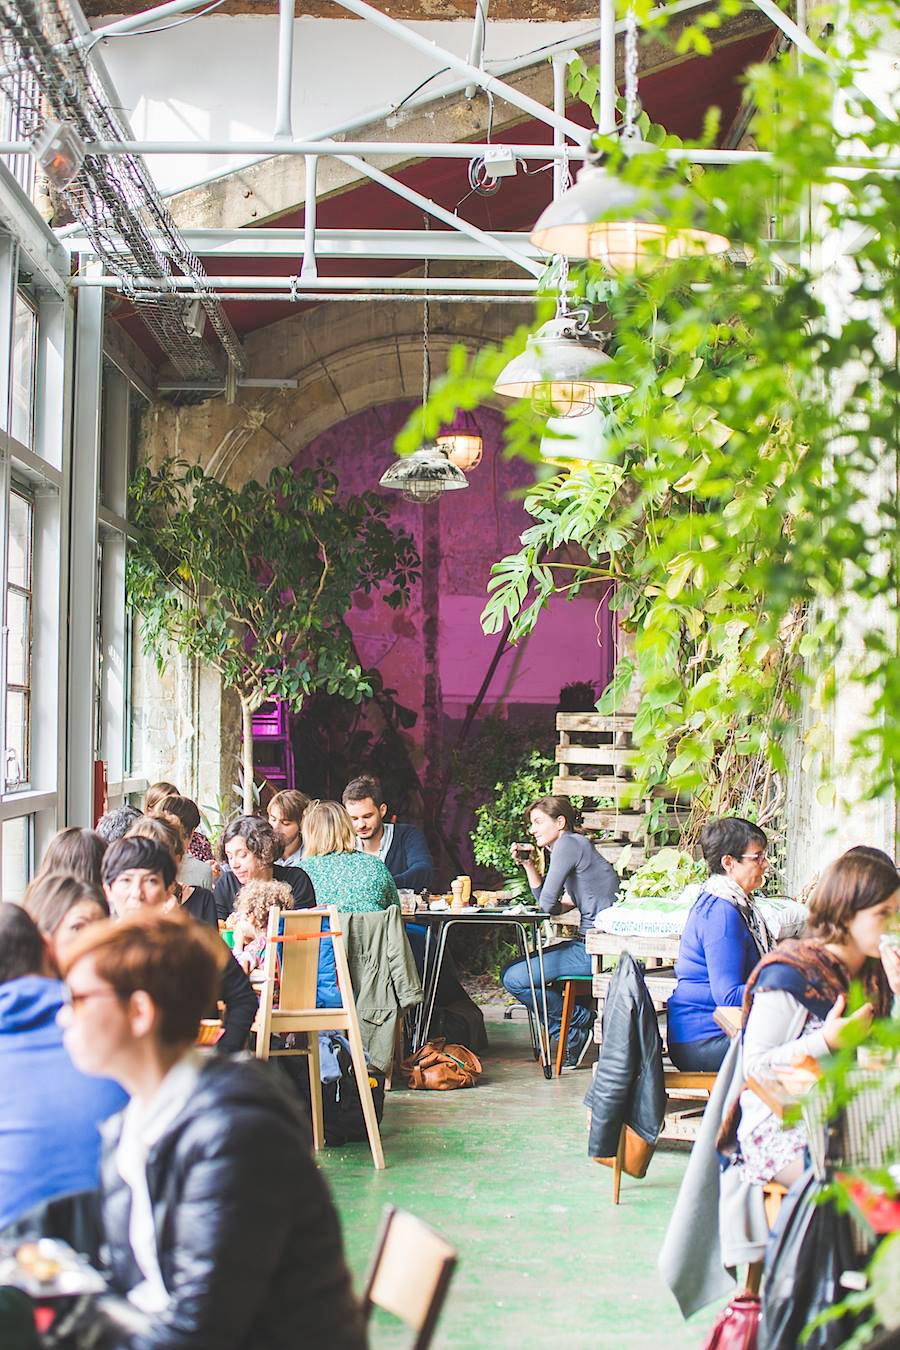 Il existe un lieu à Paris où tout se réutilise et se recycle et où on peut aller pour bruncher, déjeuner, diner, boire un verre, faire des ateliers DIY, faire du shopping, chiner, jardiner … Découvrez vite la REcyclerie !